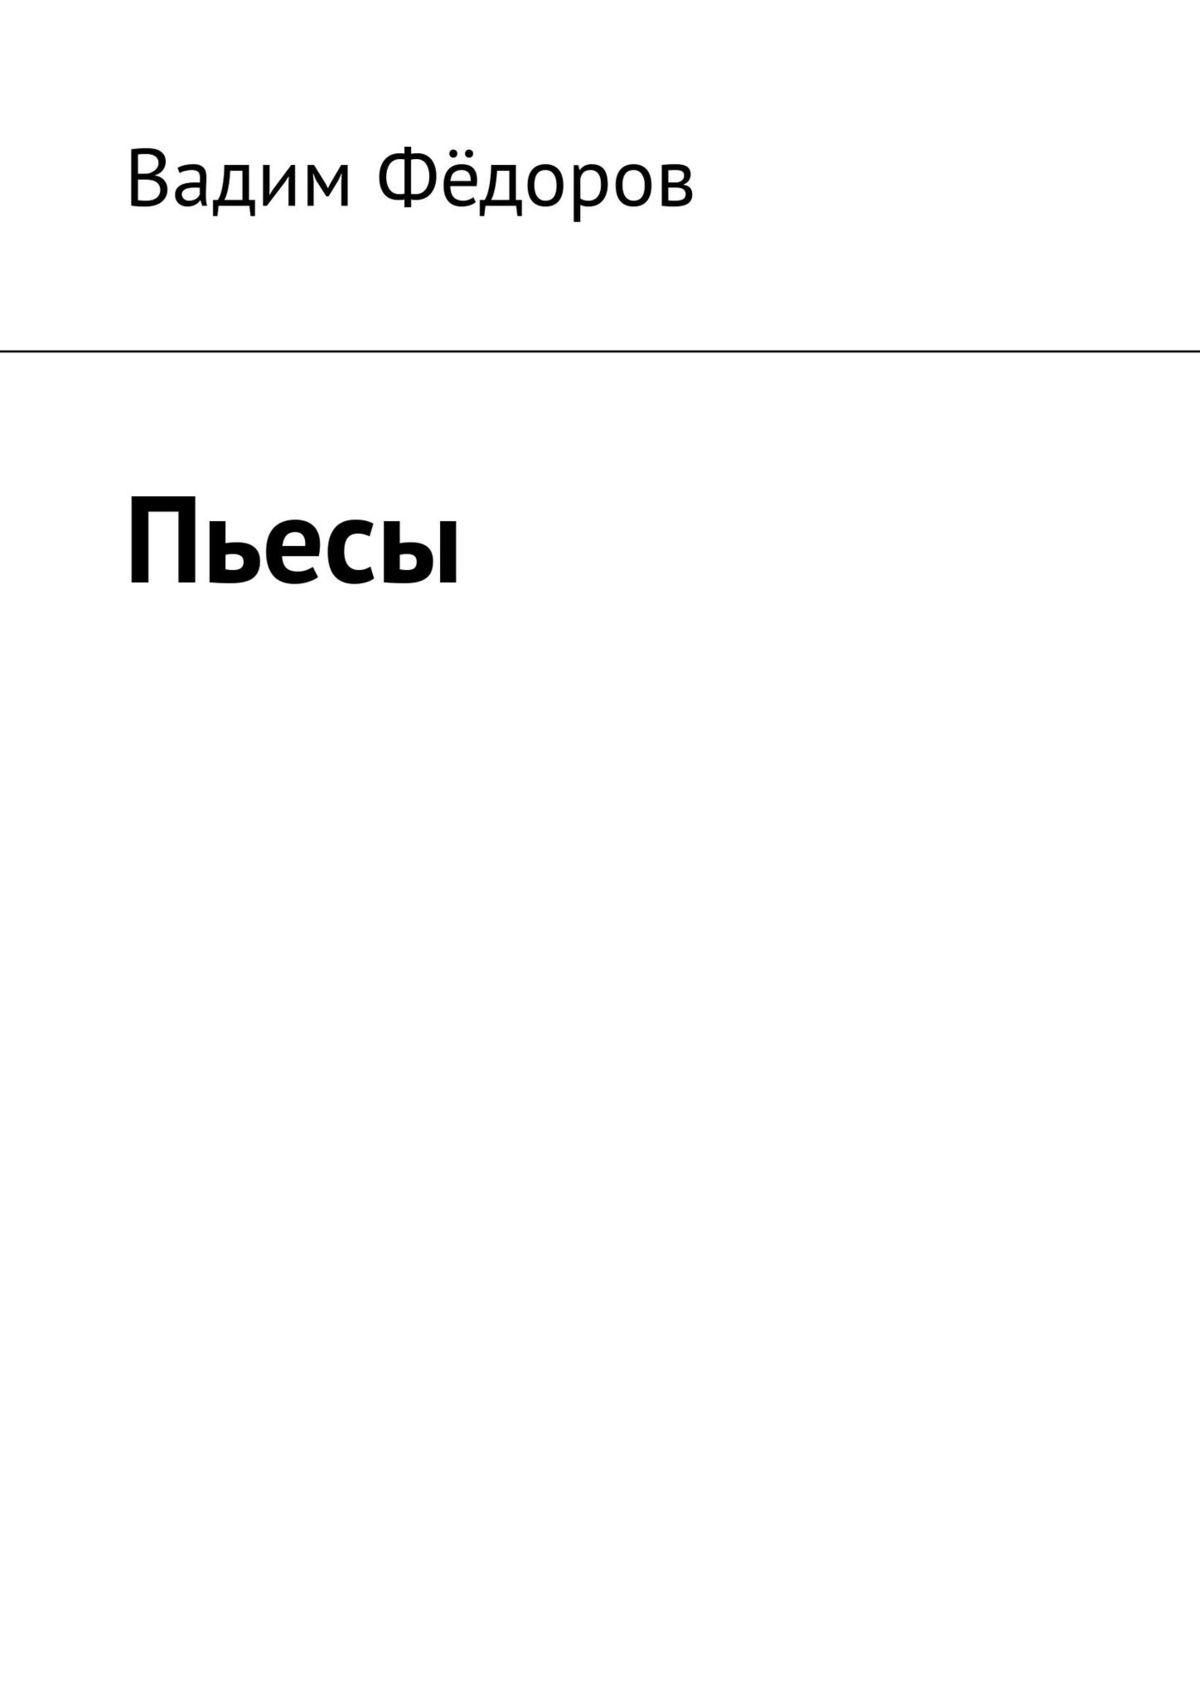 федоров в шестой ангел Вадим Фёдоров Пьесы